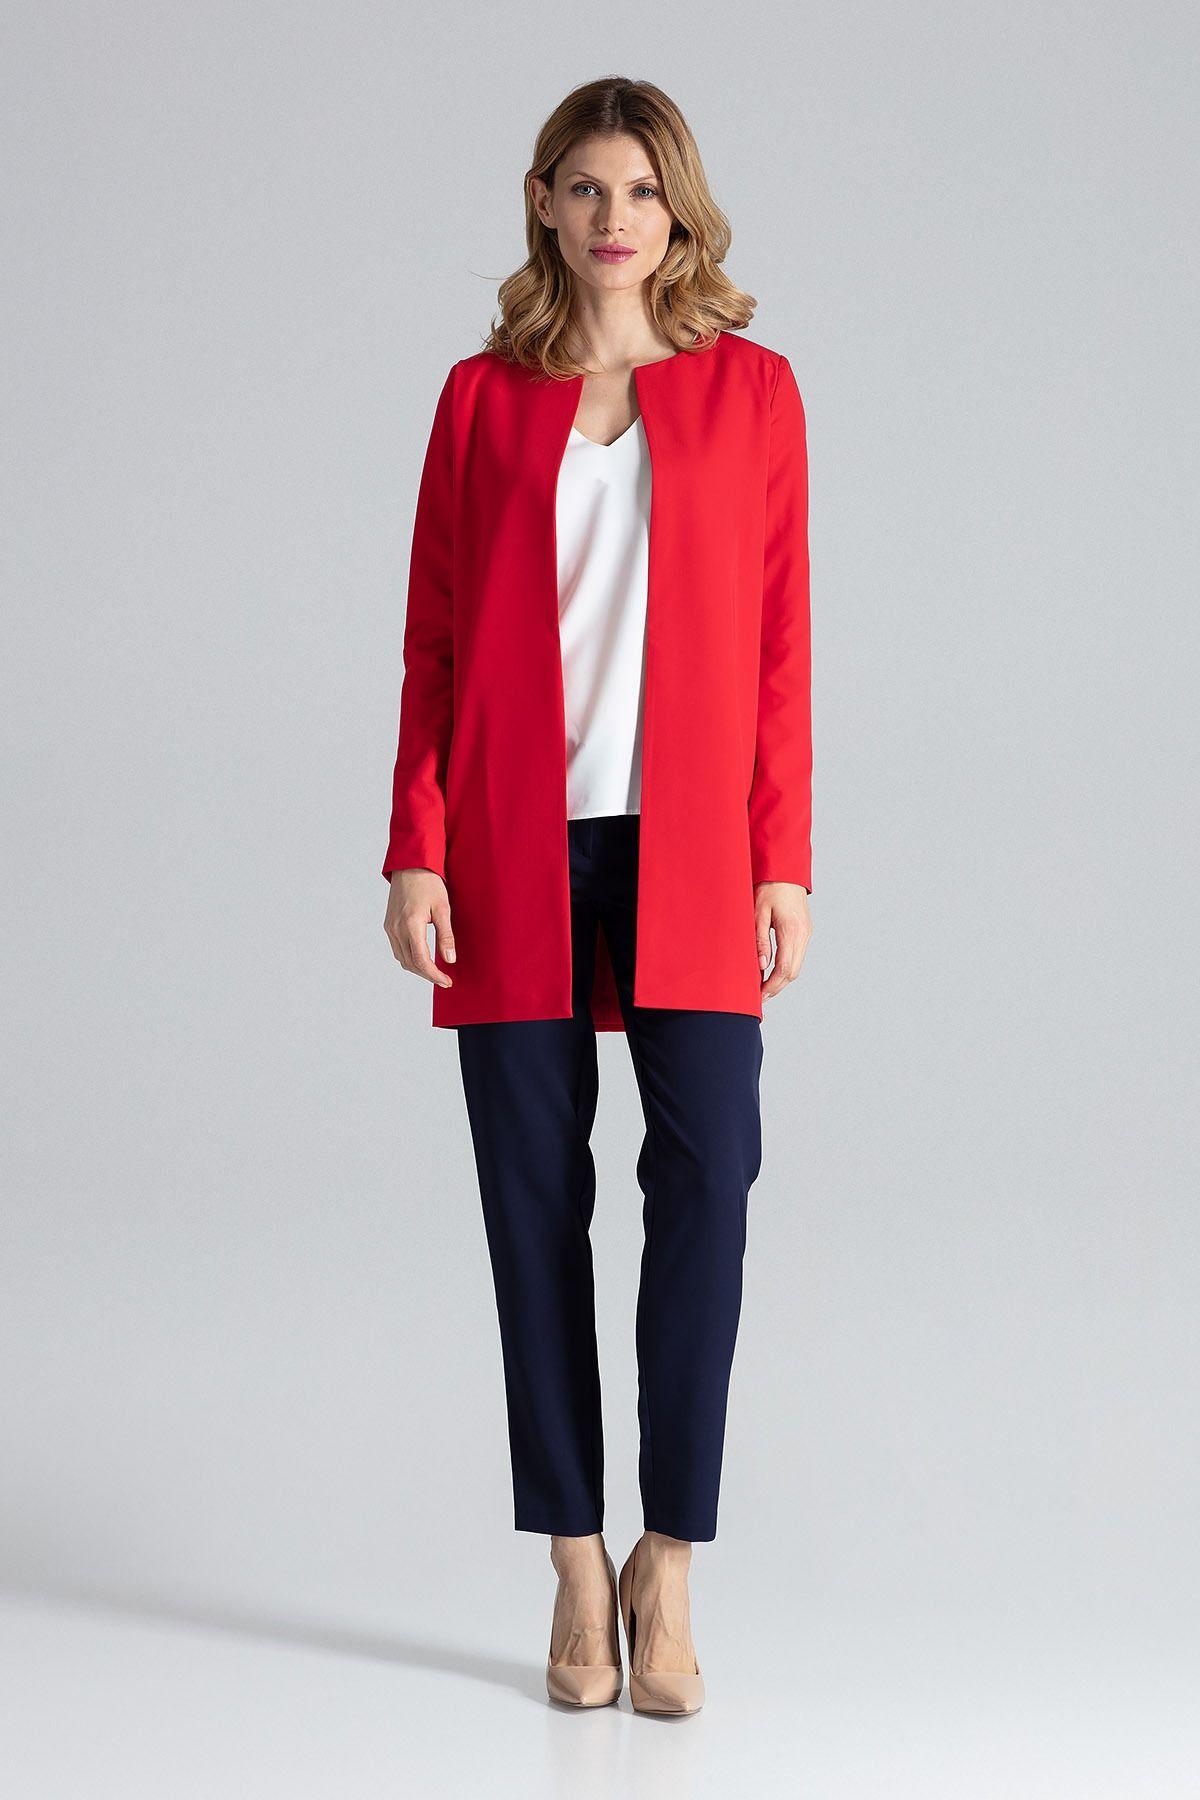 Czerwony pudełkowy kobiecy płaszcz bez zapięcia